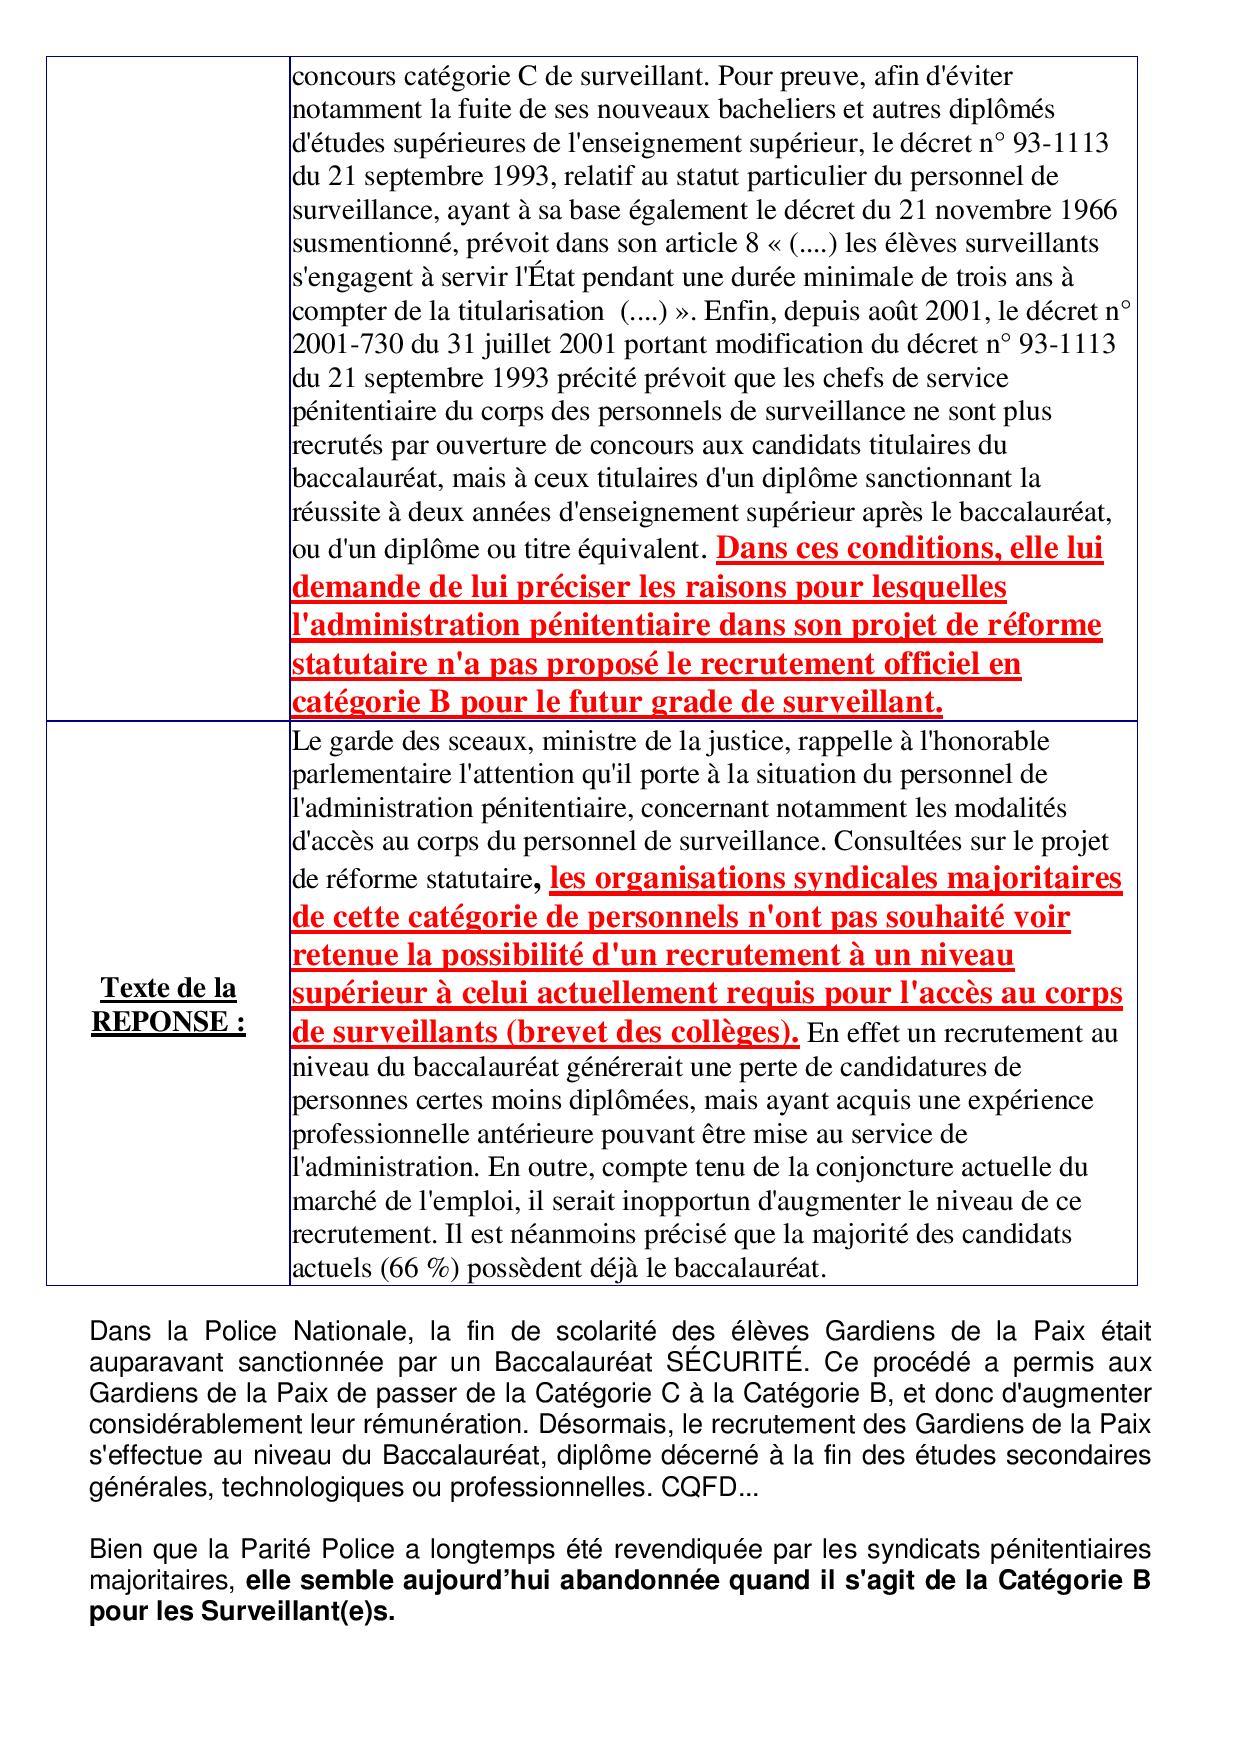 Re forme statutaire des surveillants en cat b 1 page 002